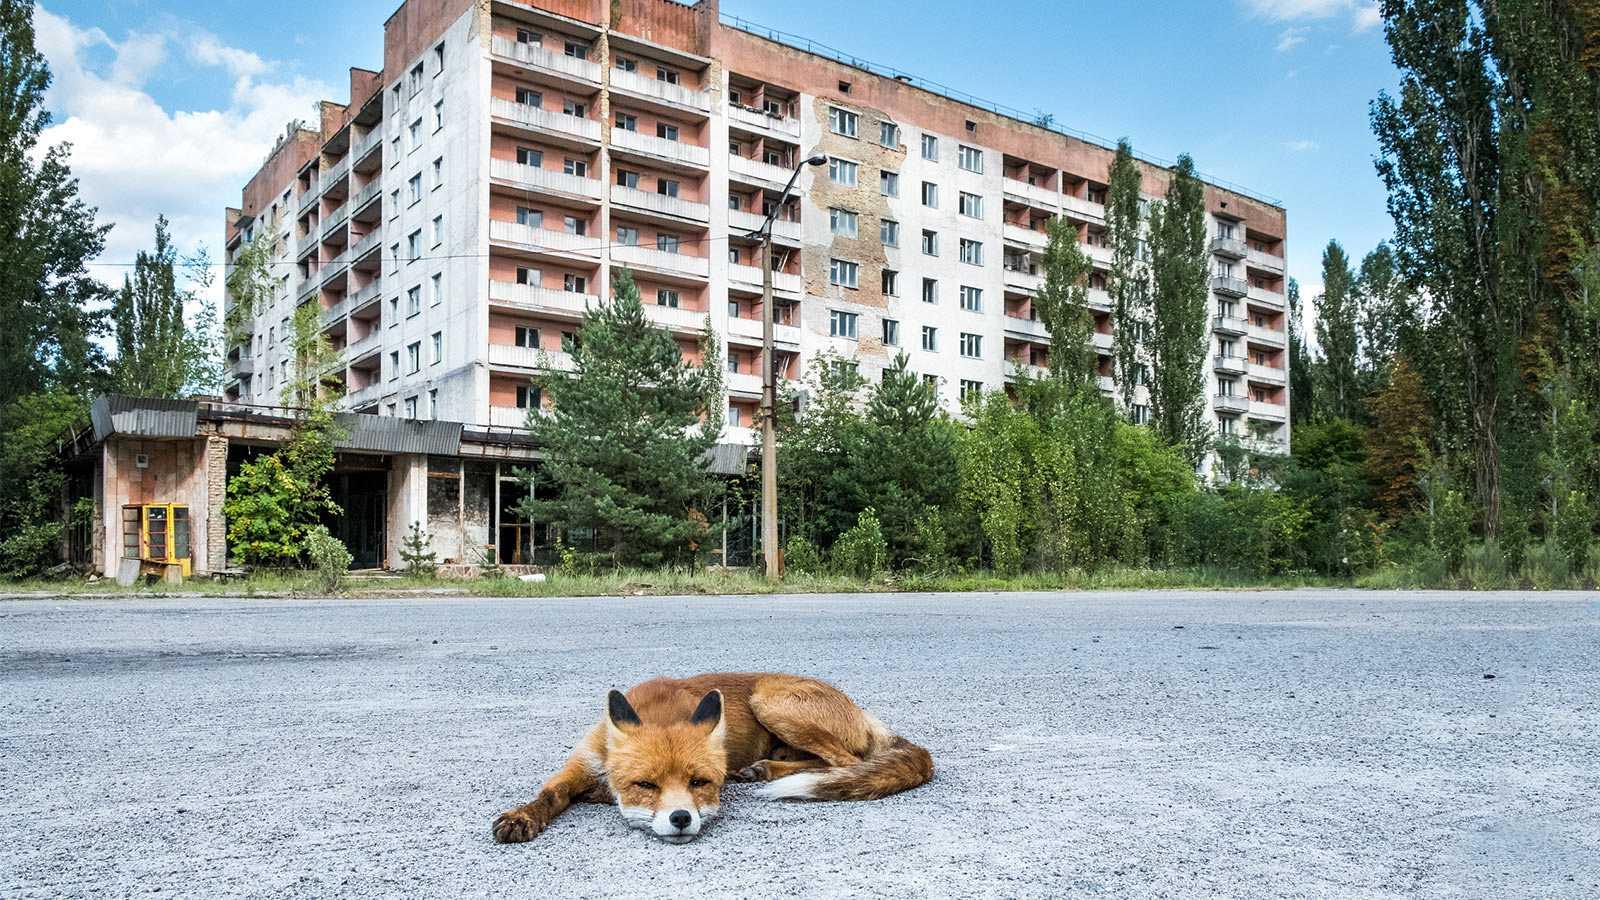 Després del col·lapse - L'acció de l'home a Txernòbil, pitjor que l'accident nuclear - 10/06/21 - escotar ara -